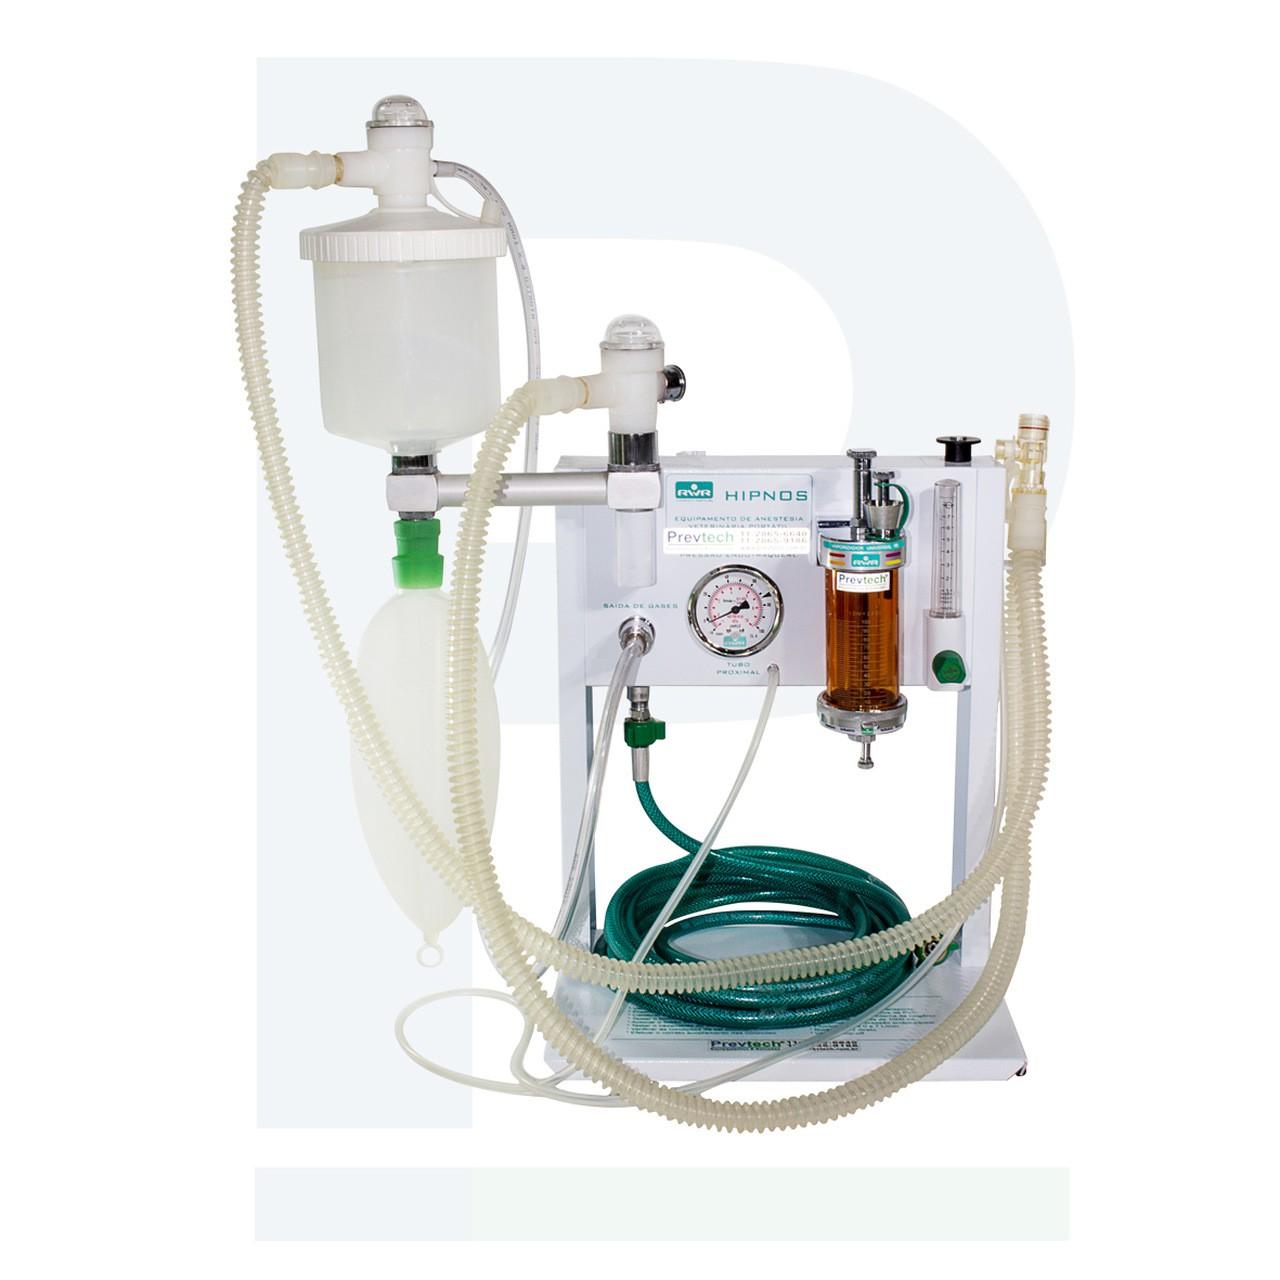 Aparelho Anestesia Portátil de Hipnos